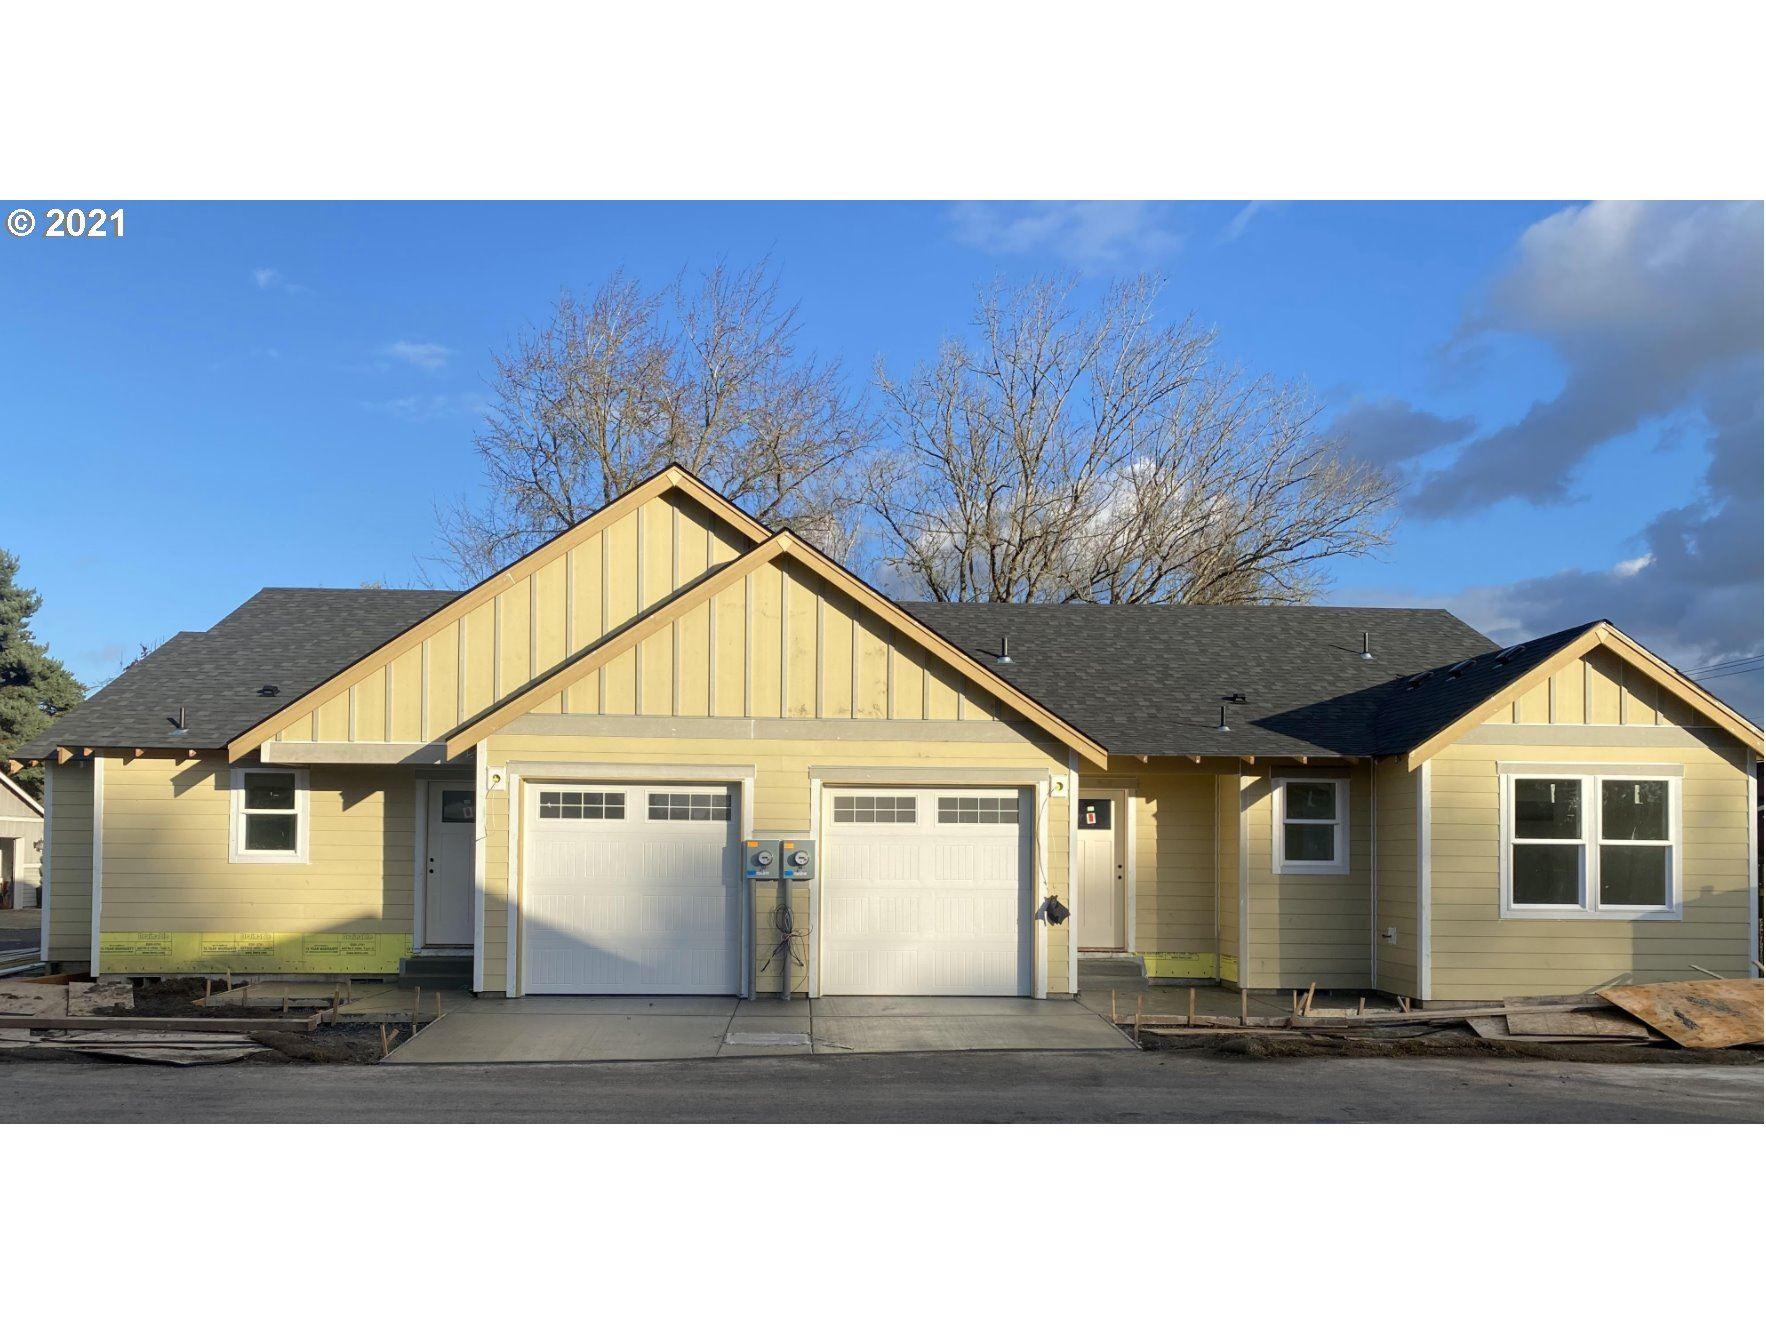 1345 NE Sunrise LN, Hillsboro, OR 97124 - MLS#: 21604179